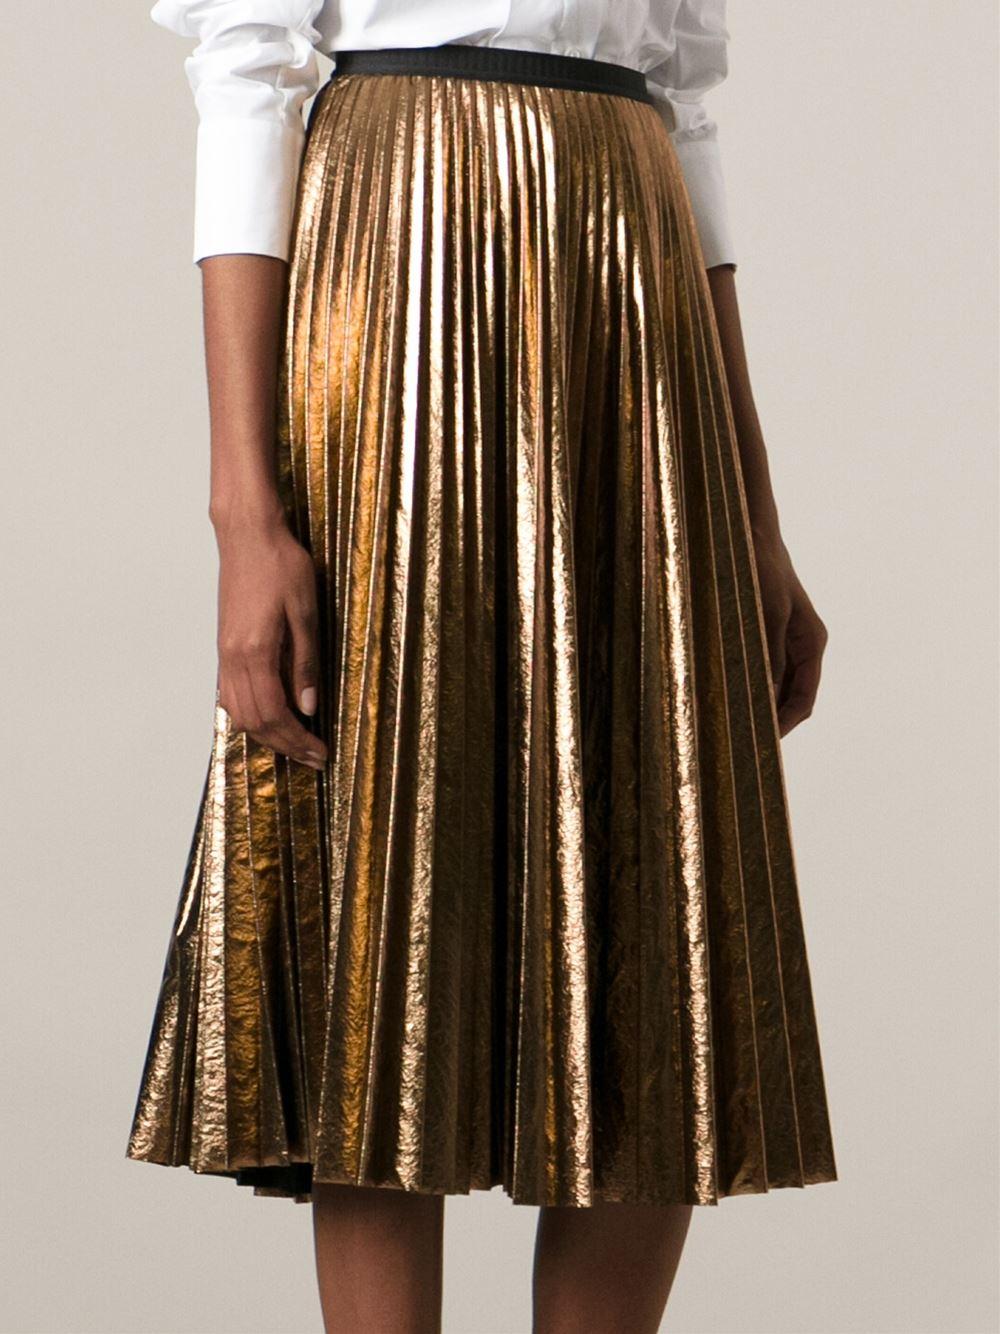 Antonio marras Metallic Pleated Skirt in Metallic | Lyst